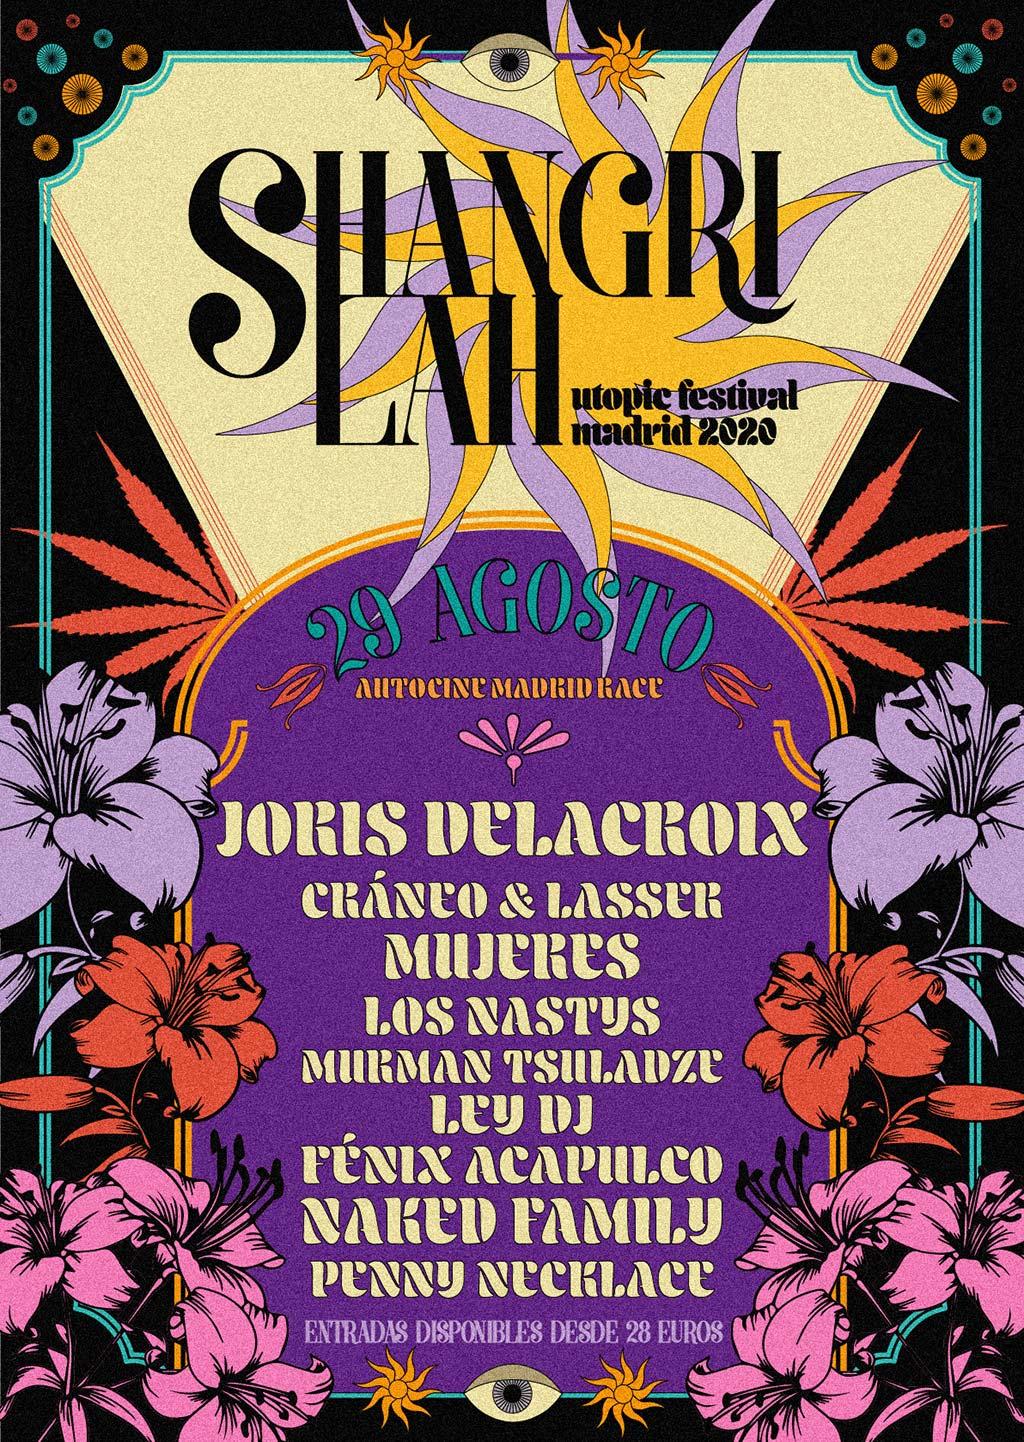 Shangri-Lah 2020